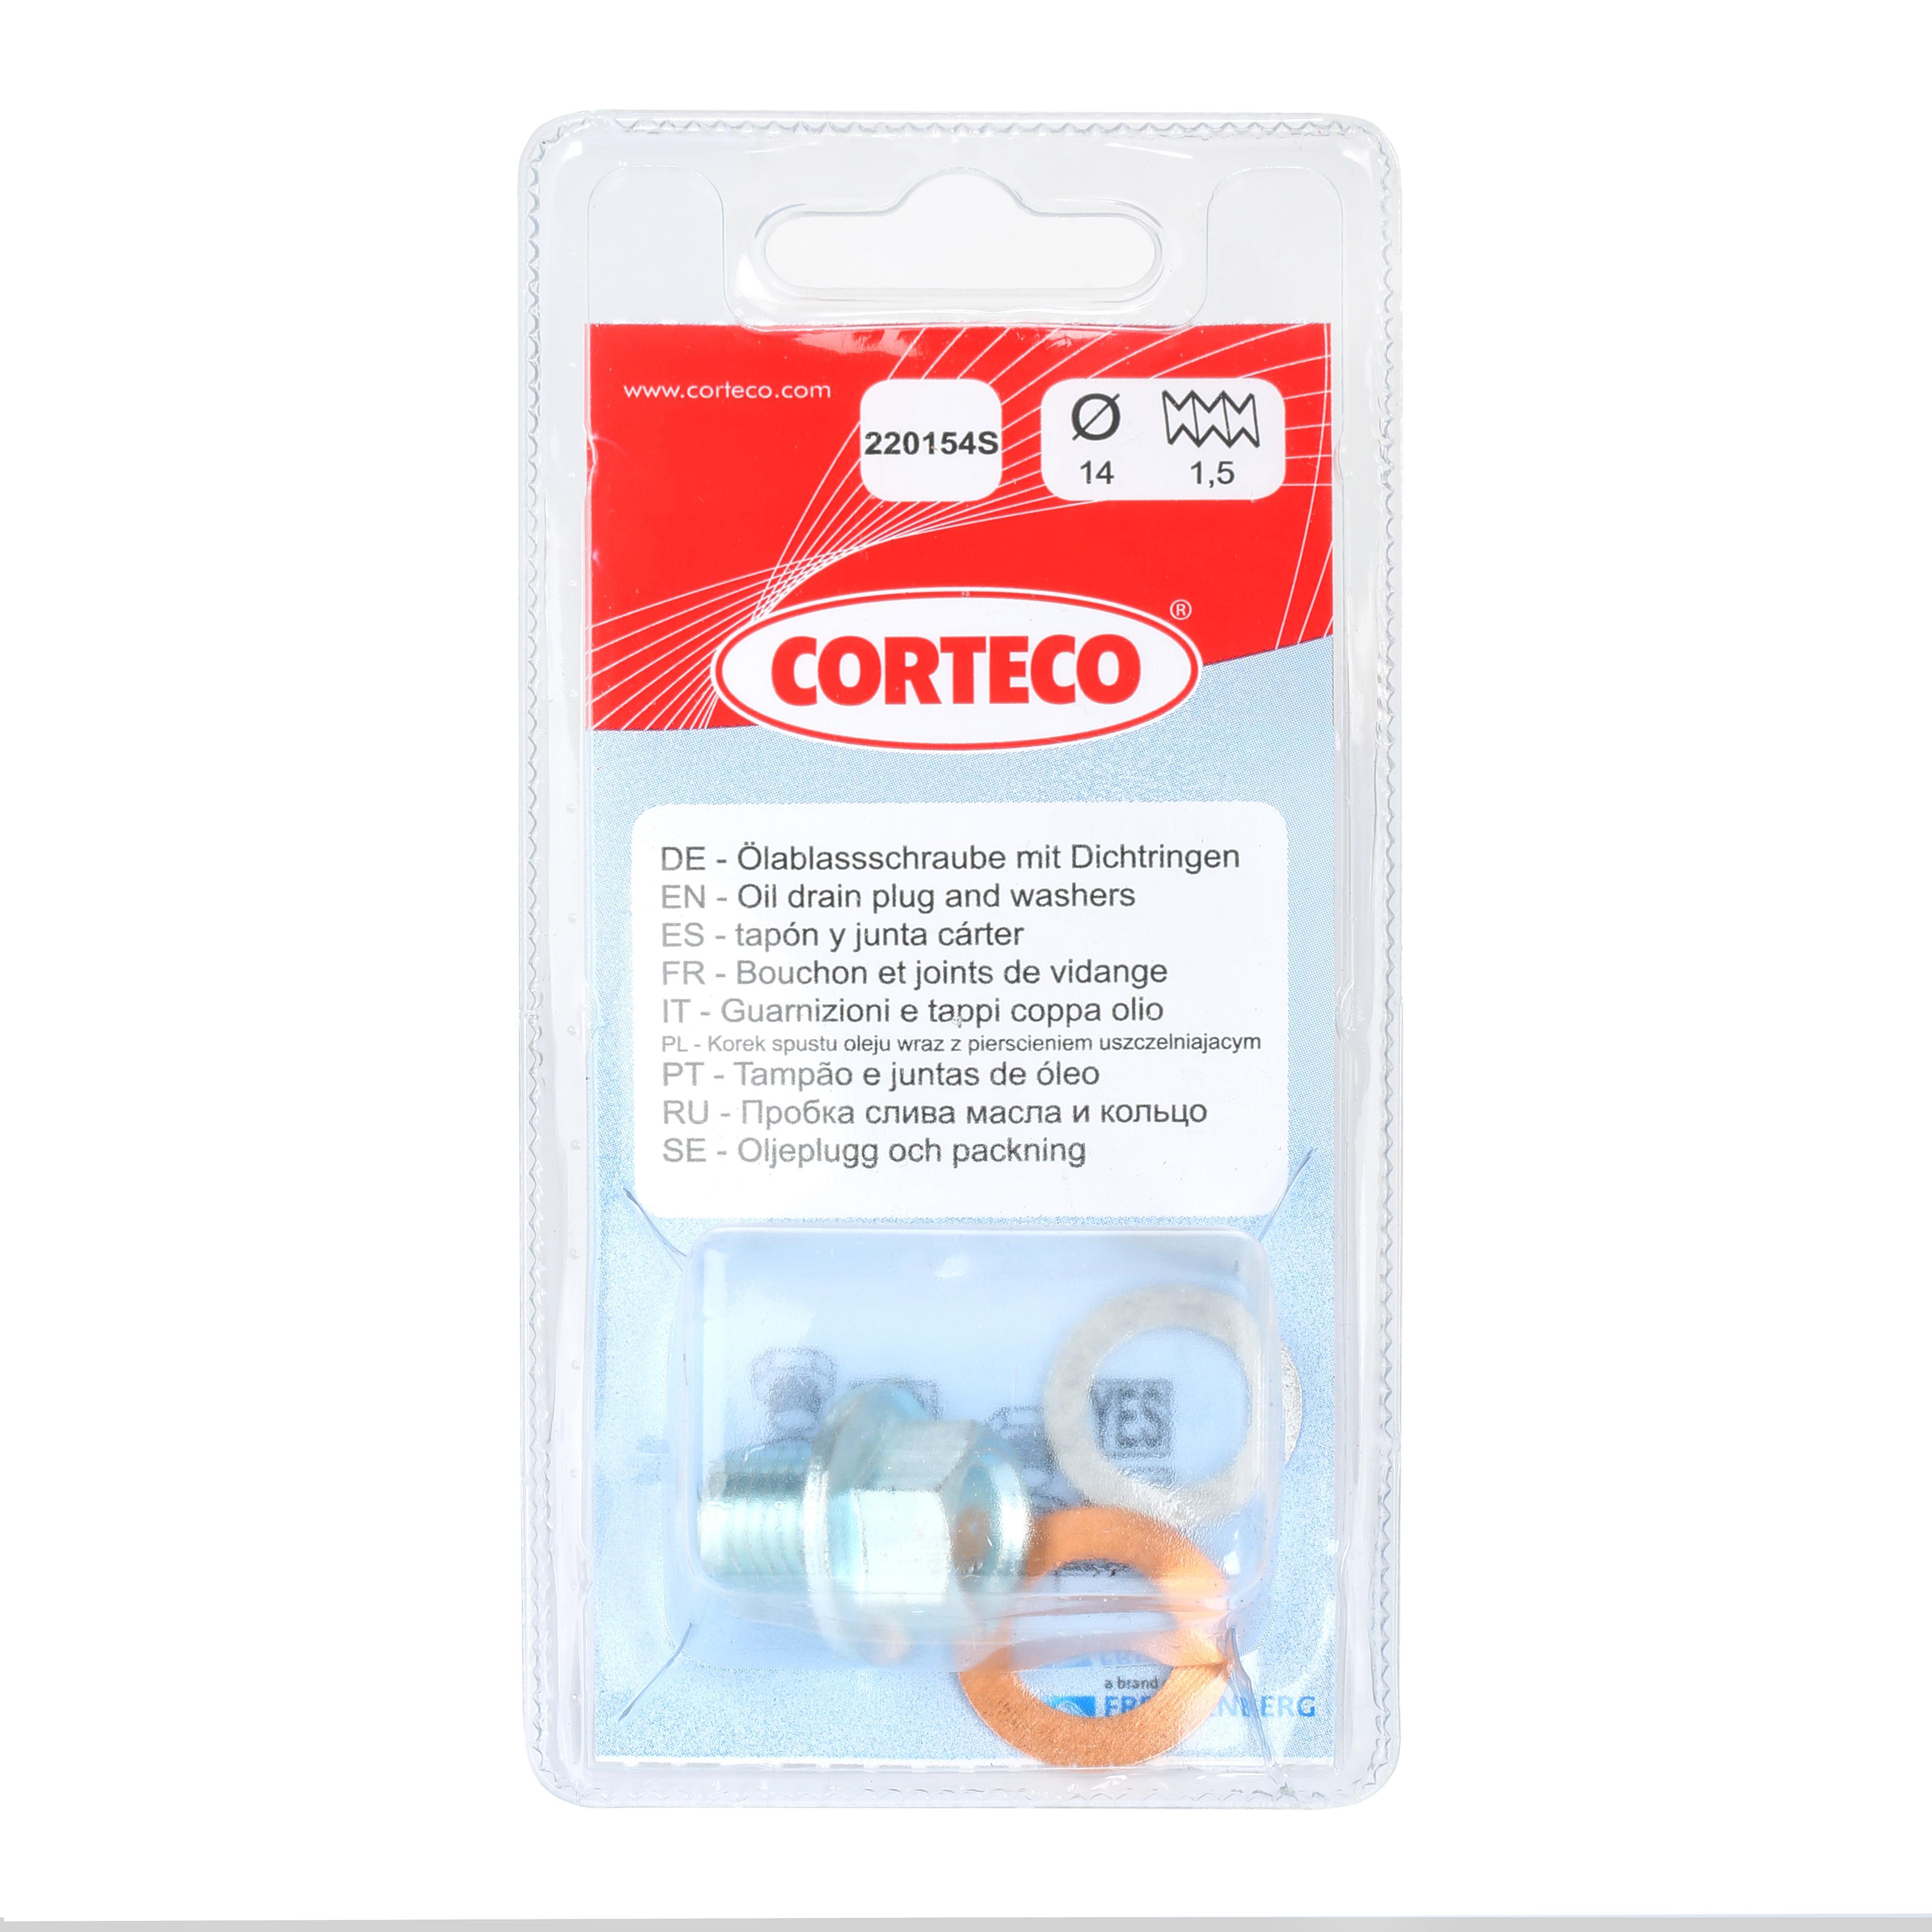 Tapon de Cárter 220154S CORTECO 84920154 en calidad original